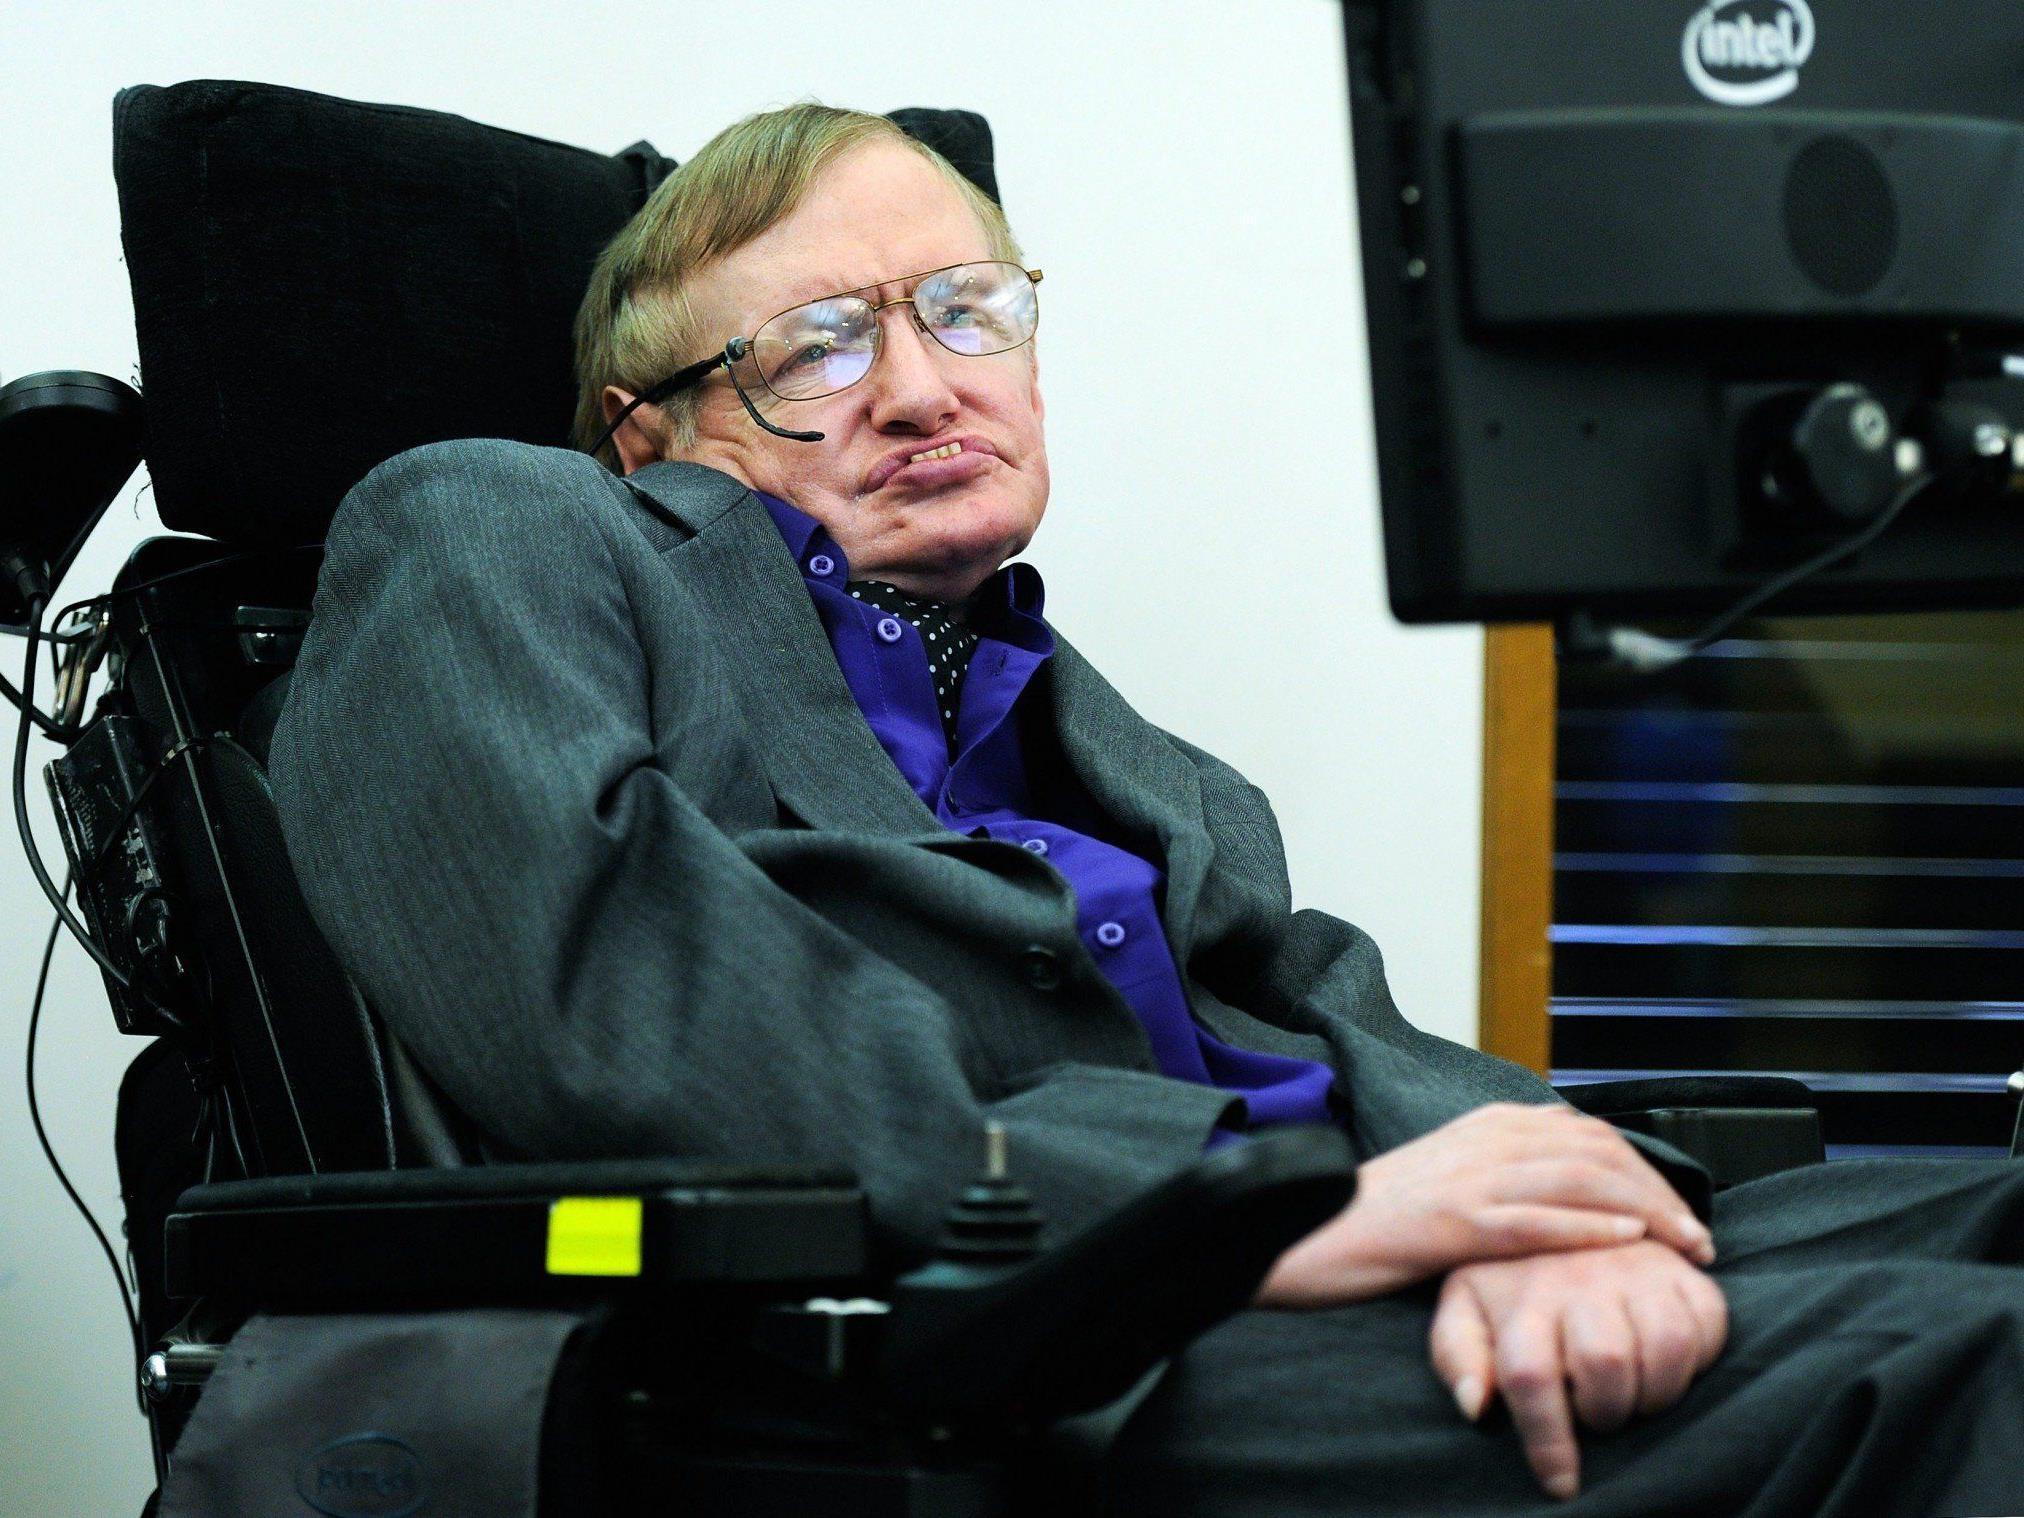 Astrophysiker Stephan Hawking hat seine Lebensgeschichte zu Papier gebracht - die Biografie erscheint am Donnerstag in Großbritannien.